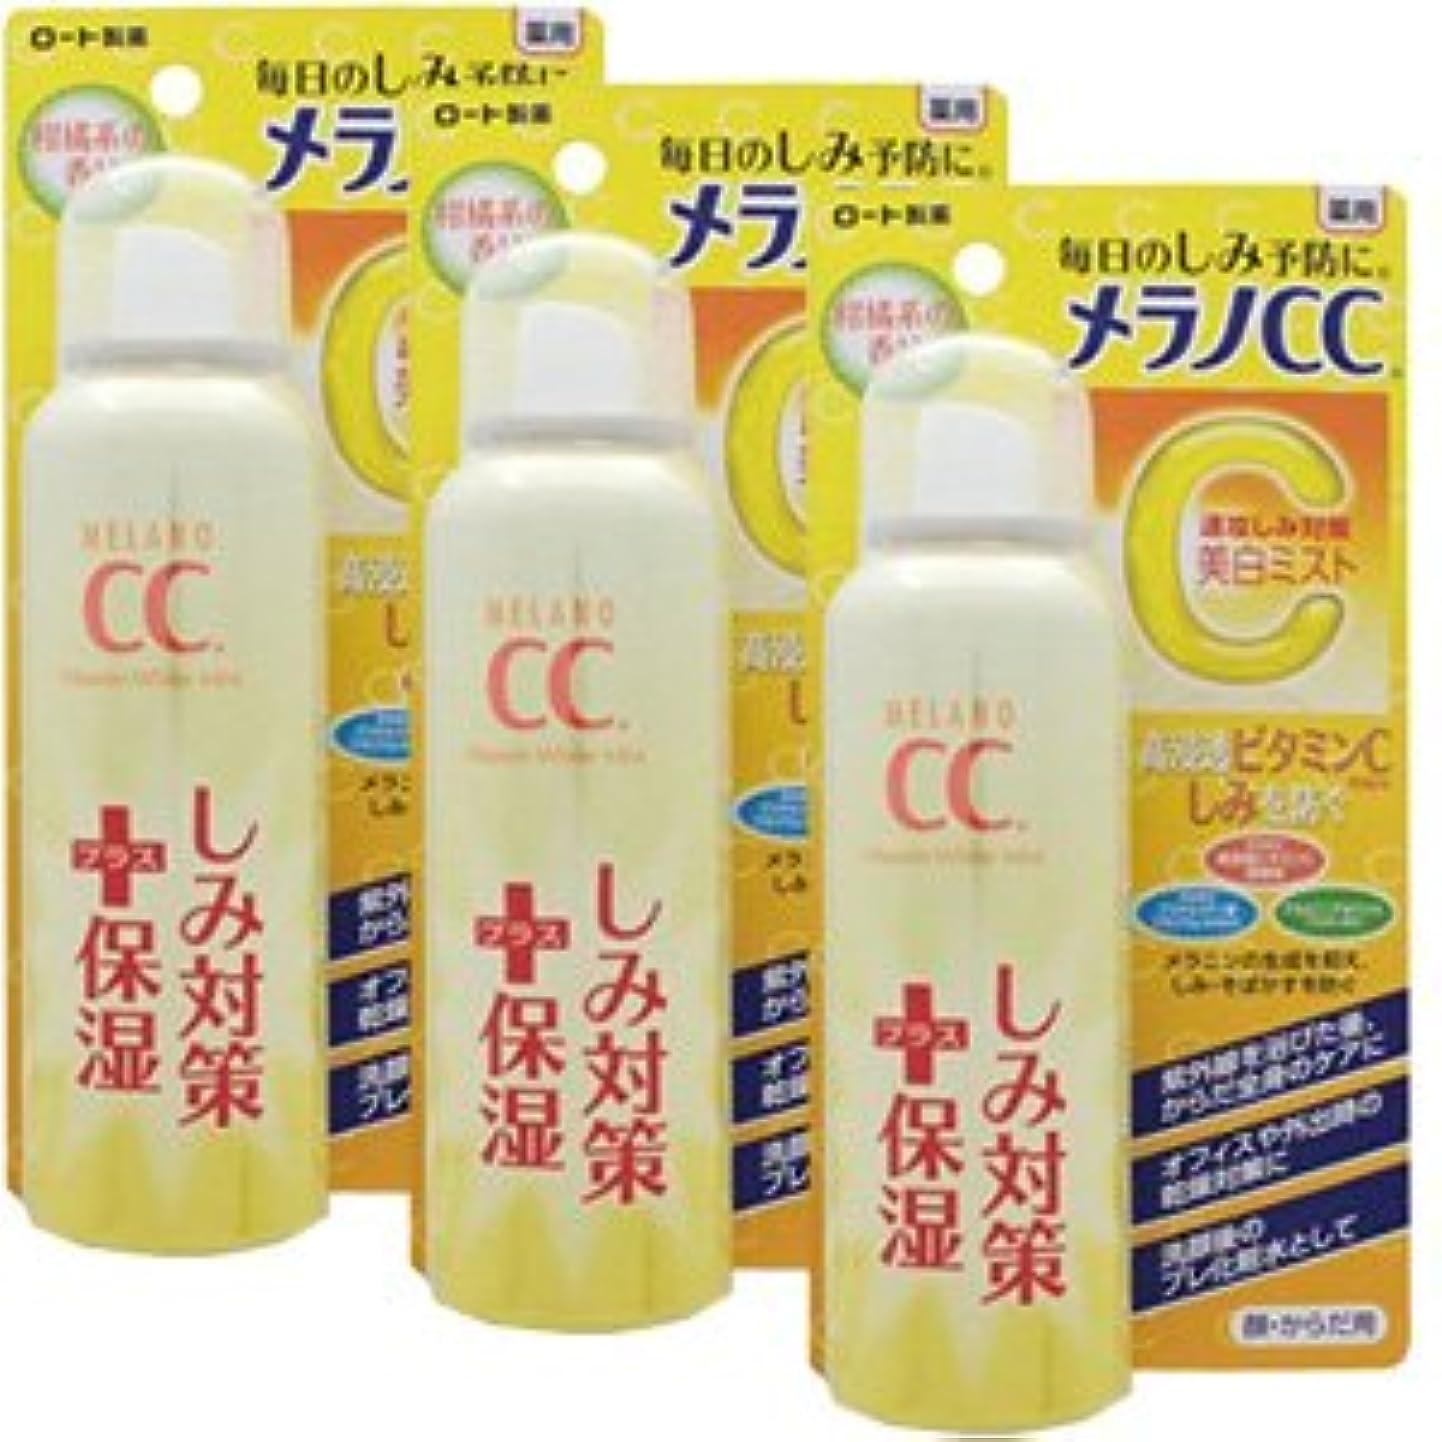 売上高ガイダンス効果的【3個】メラノCC 薬用しみ対策美白ミスト化粧水 100gx3個